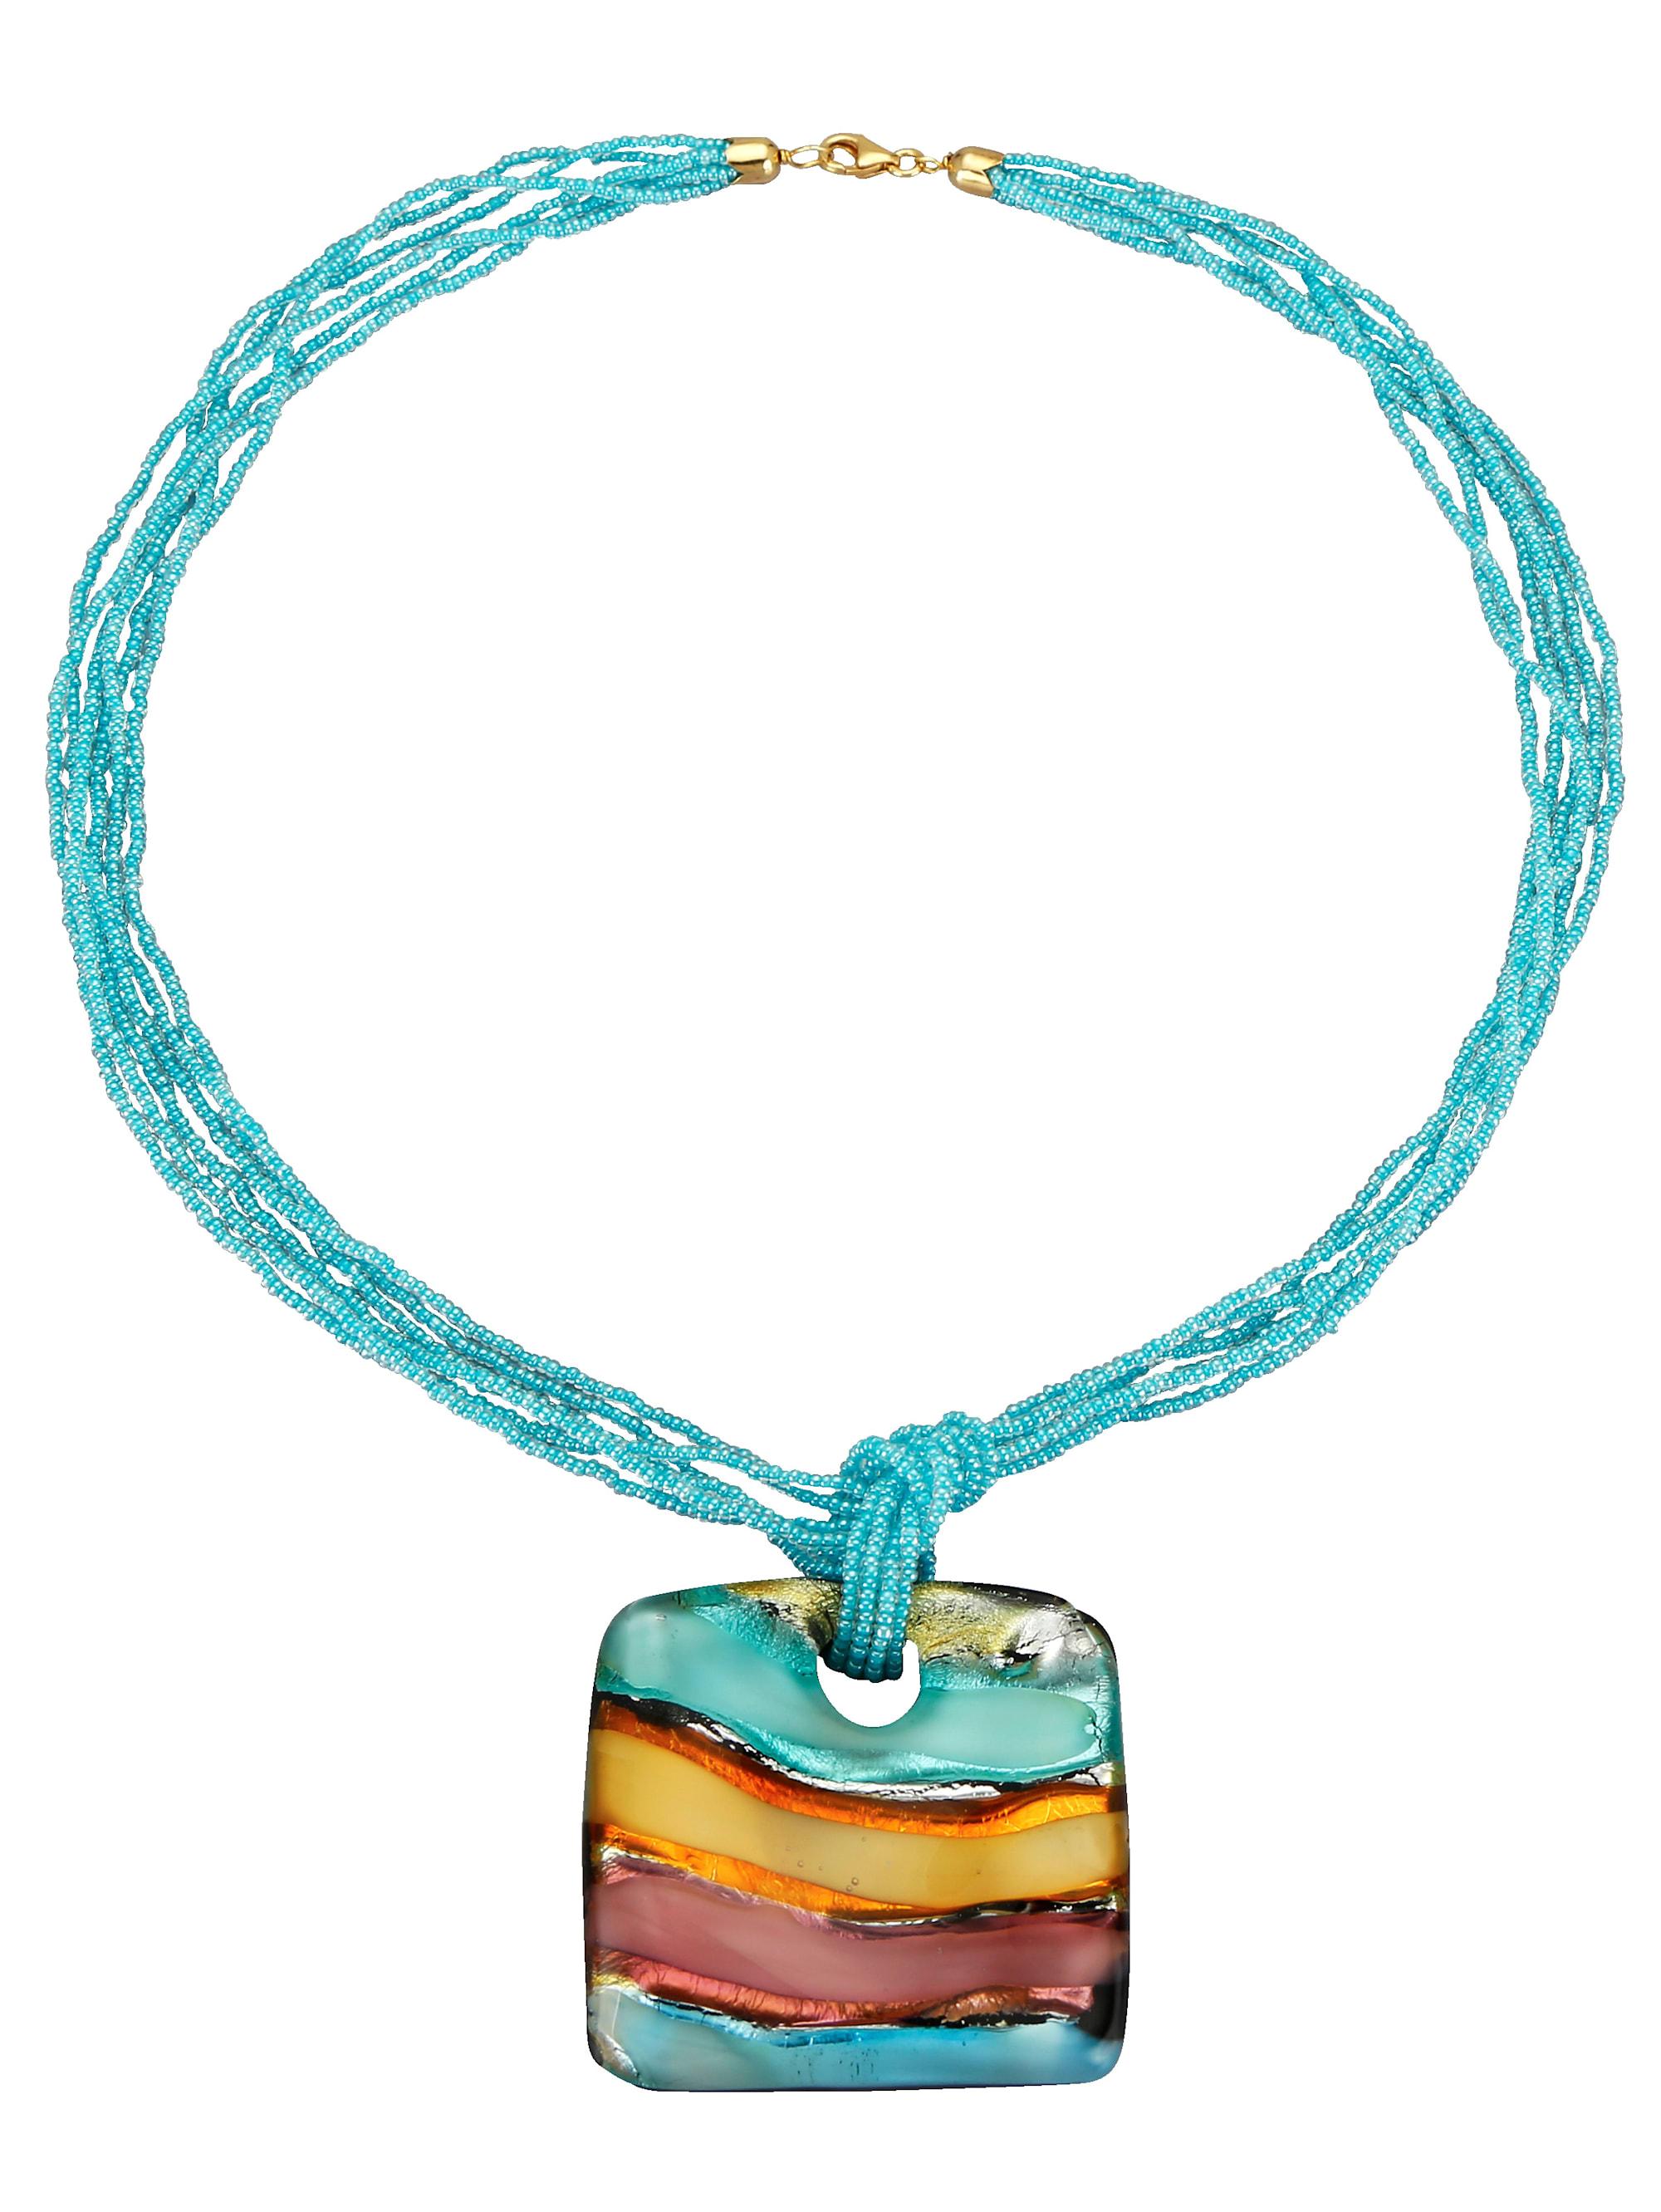 Diemer Farbstein Anhänger mit Muranoglaskette IOqkR